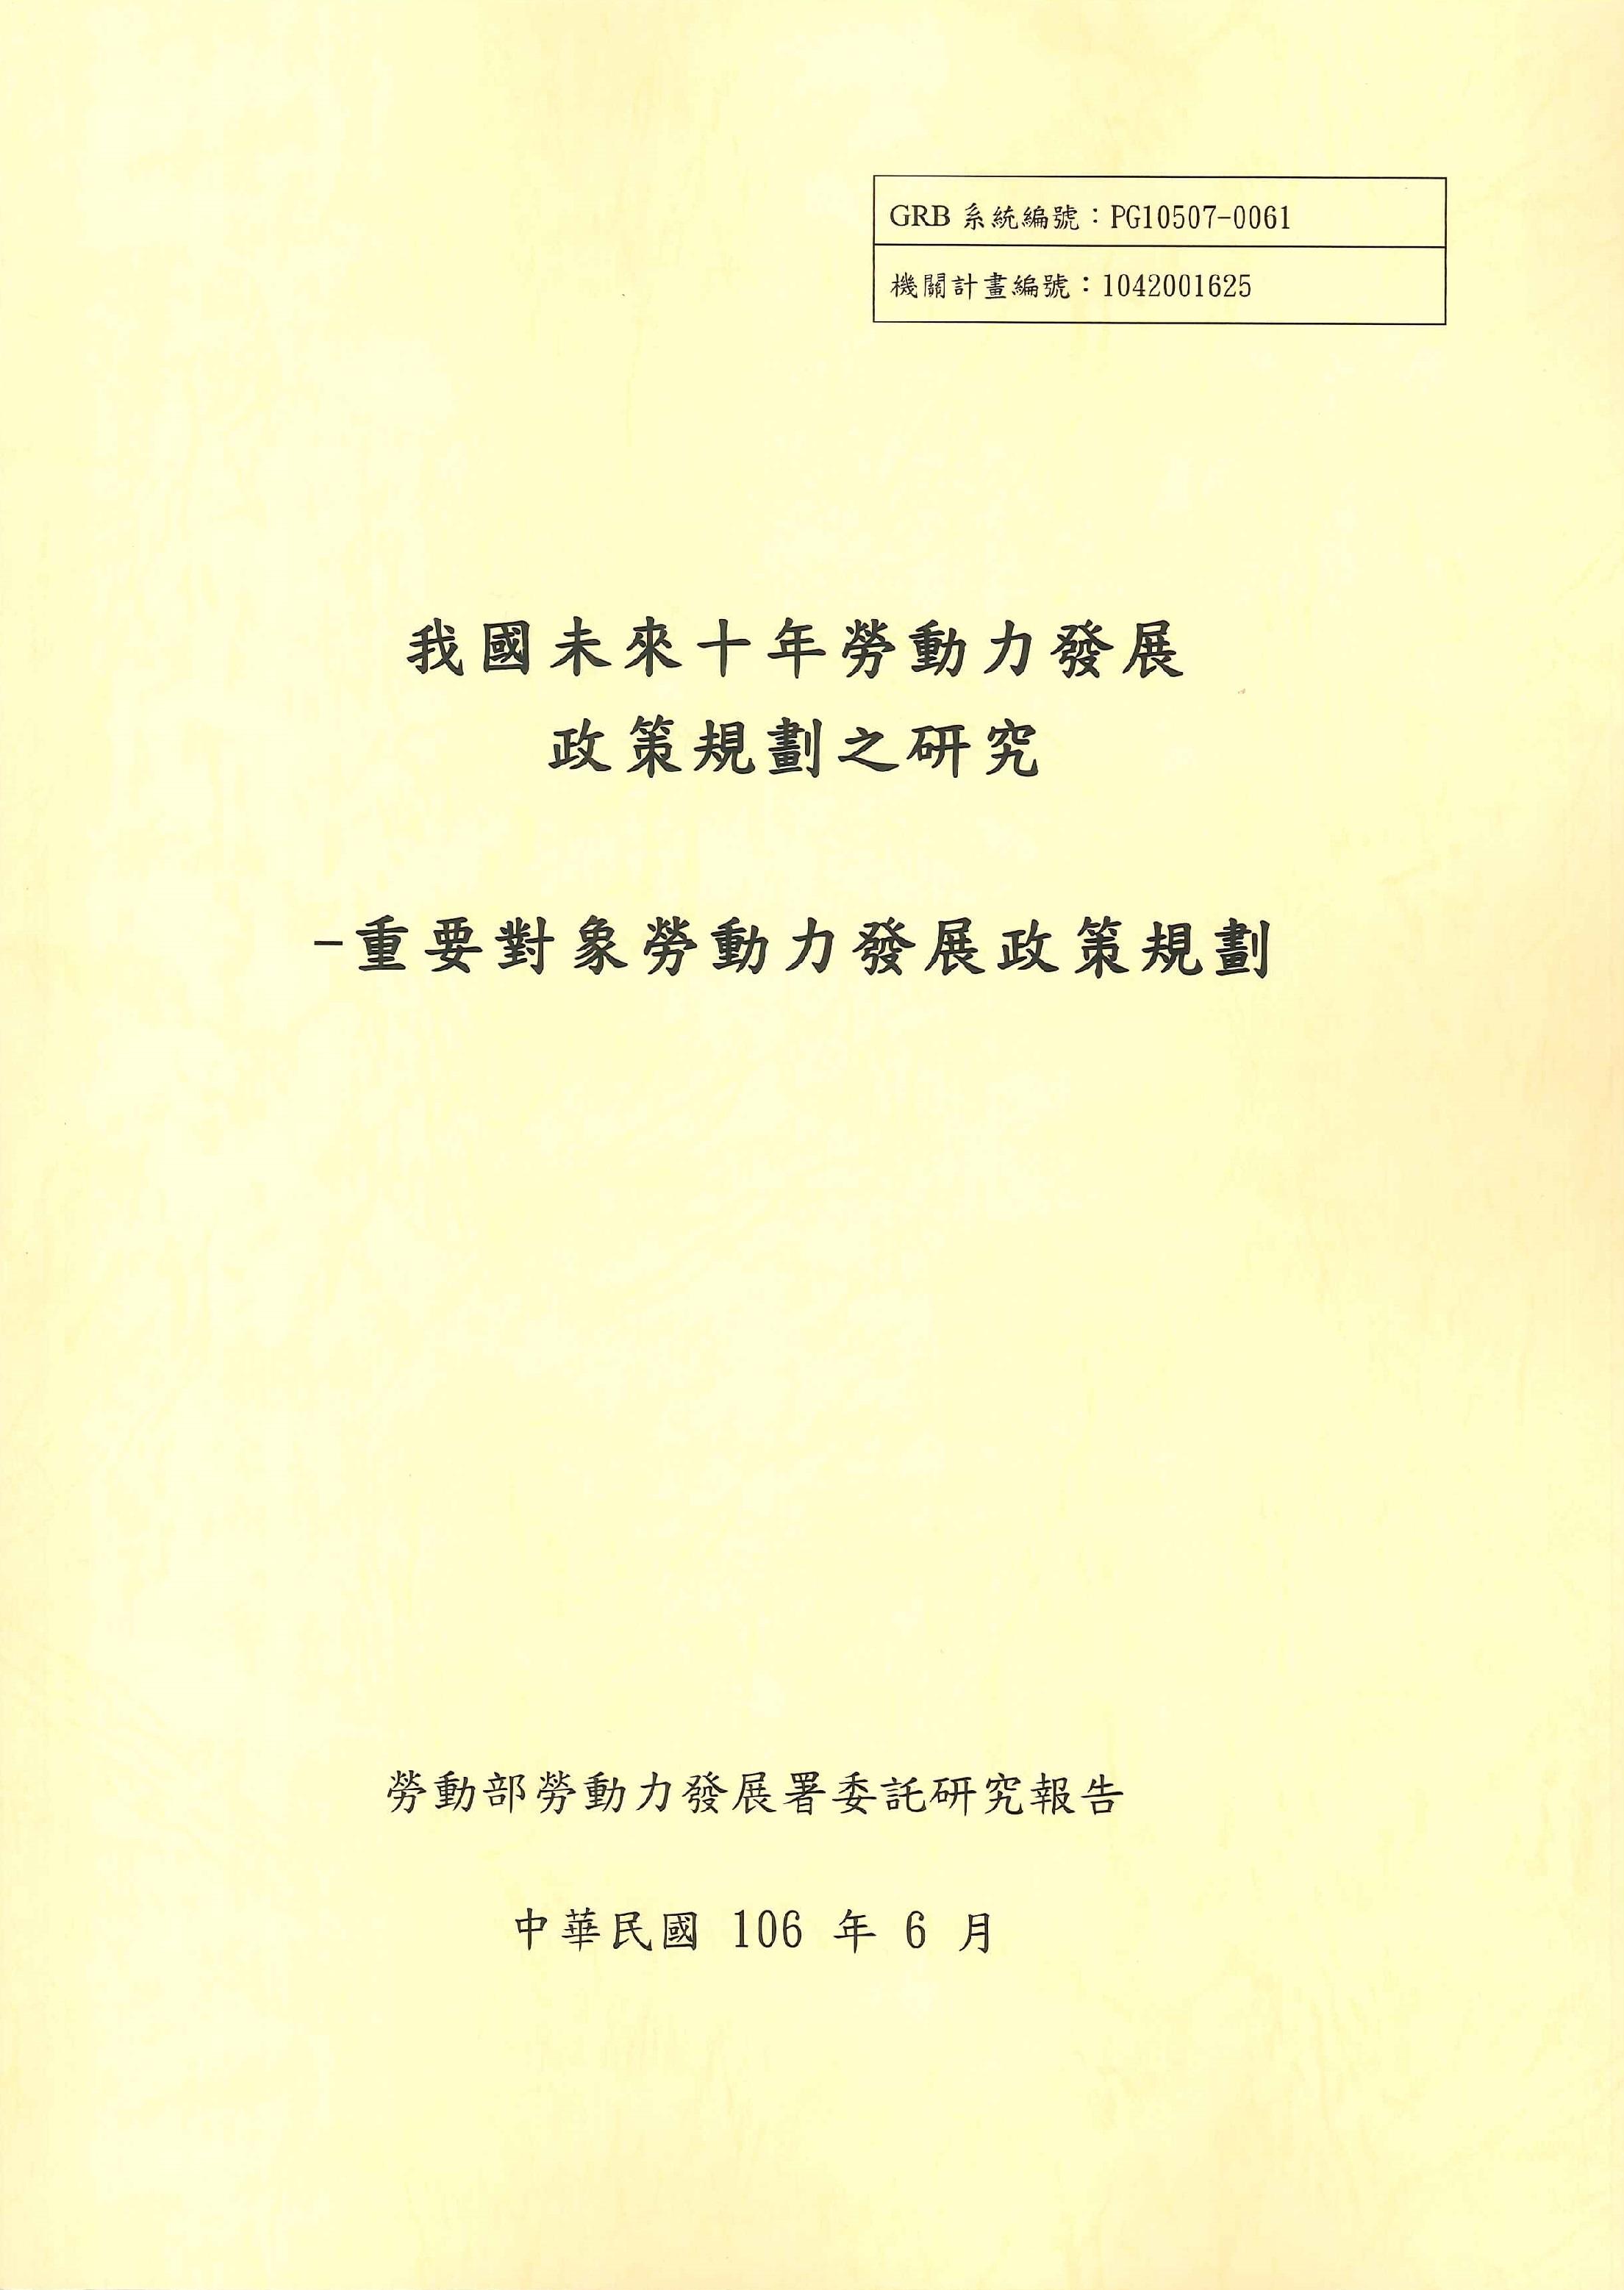 我國未來十年勞動力發展政策規劃之研究:重要對象勞動力發展政策規劃